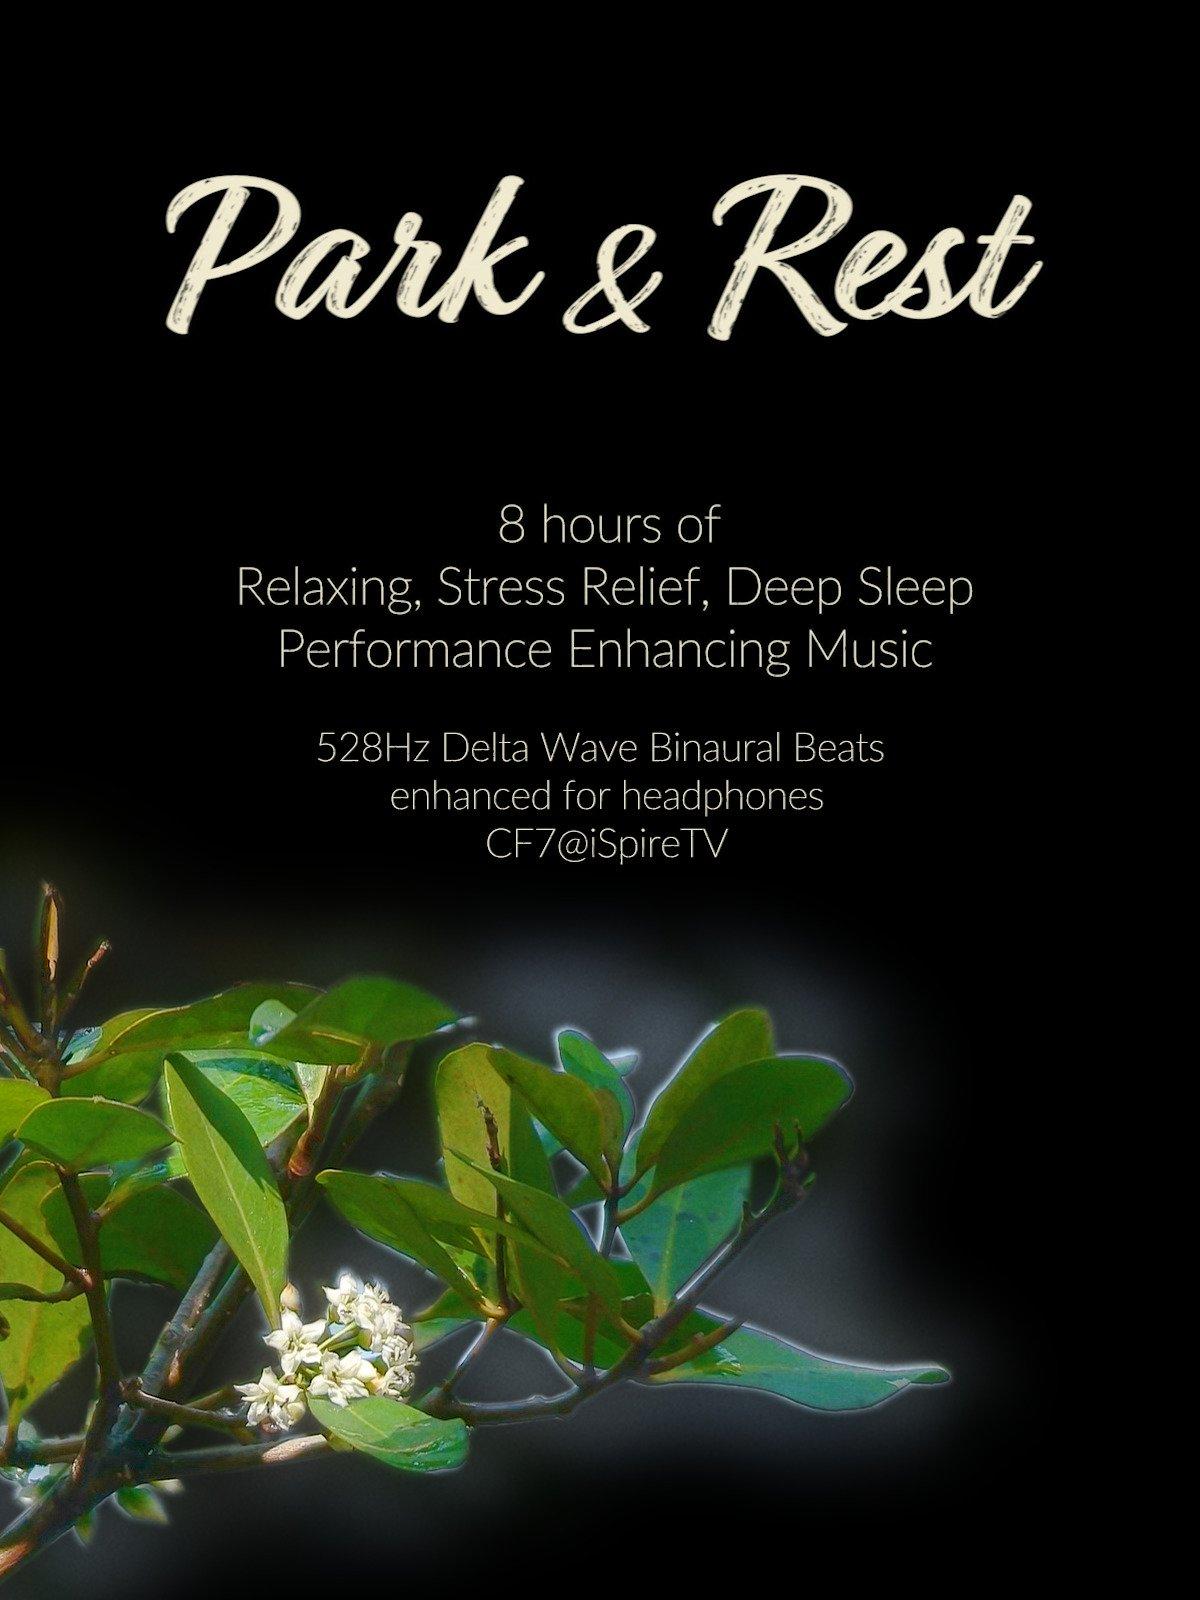 Park & Rest